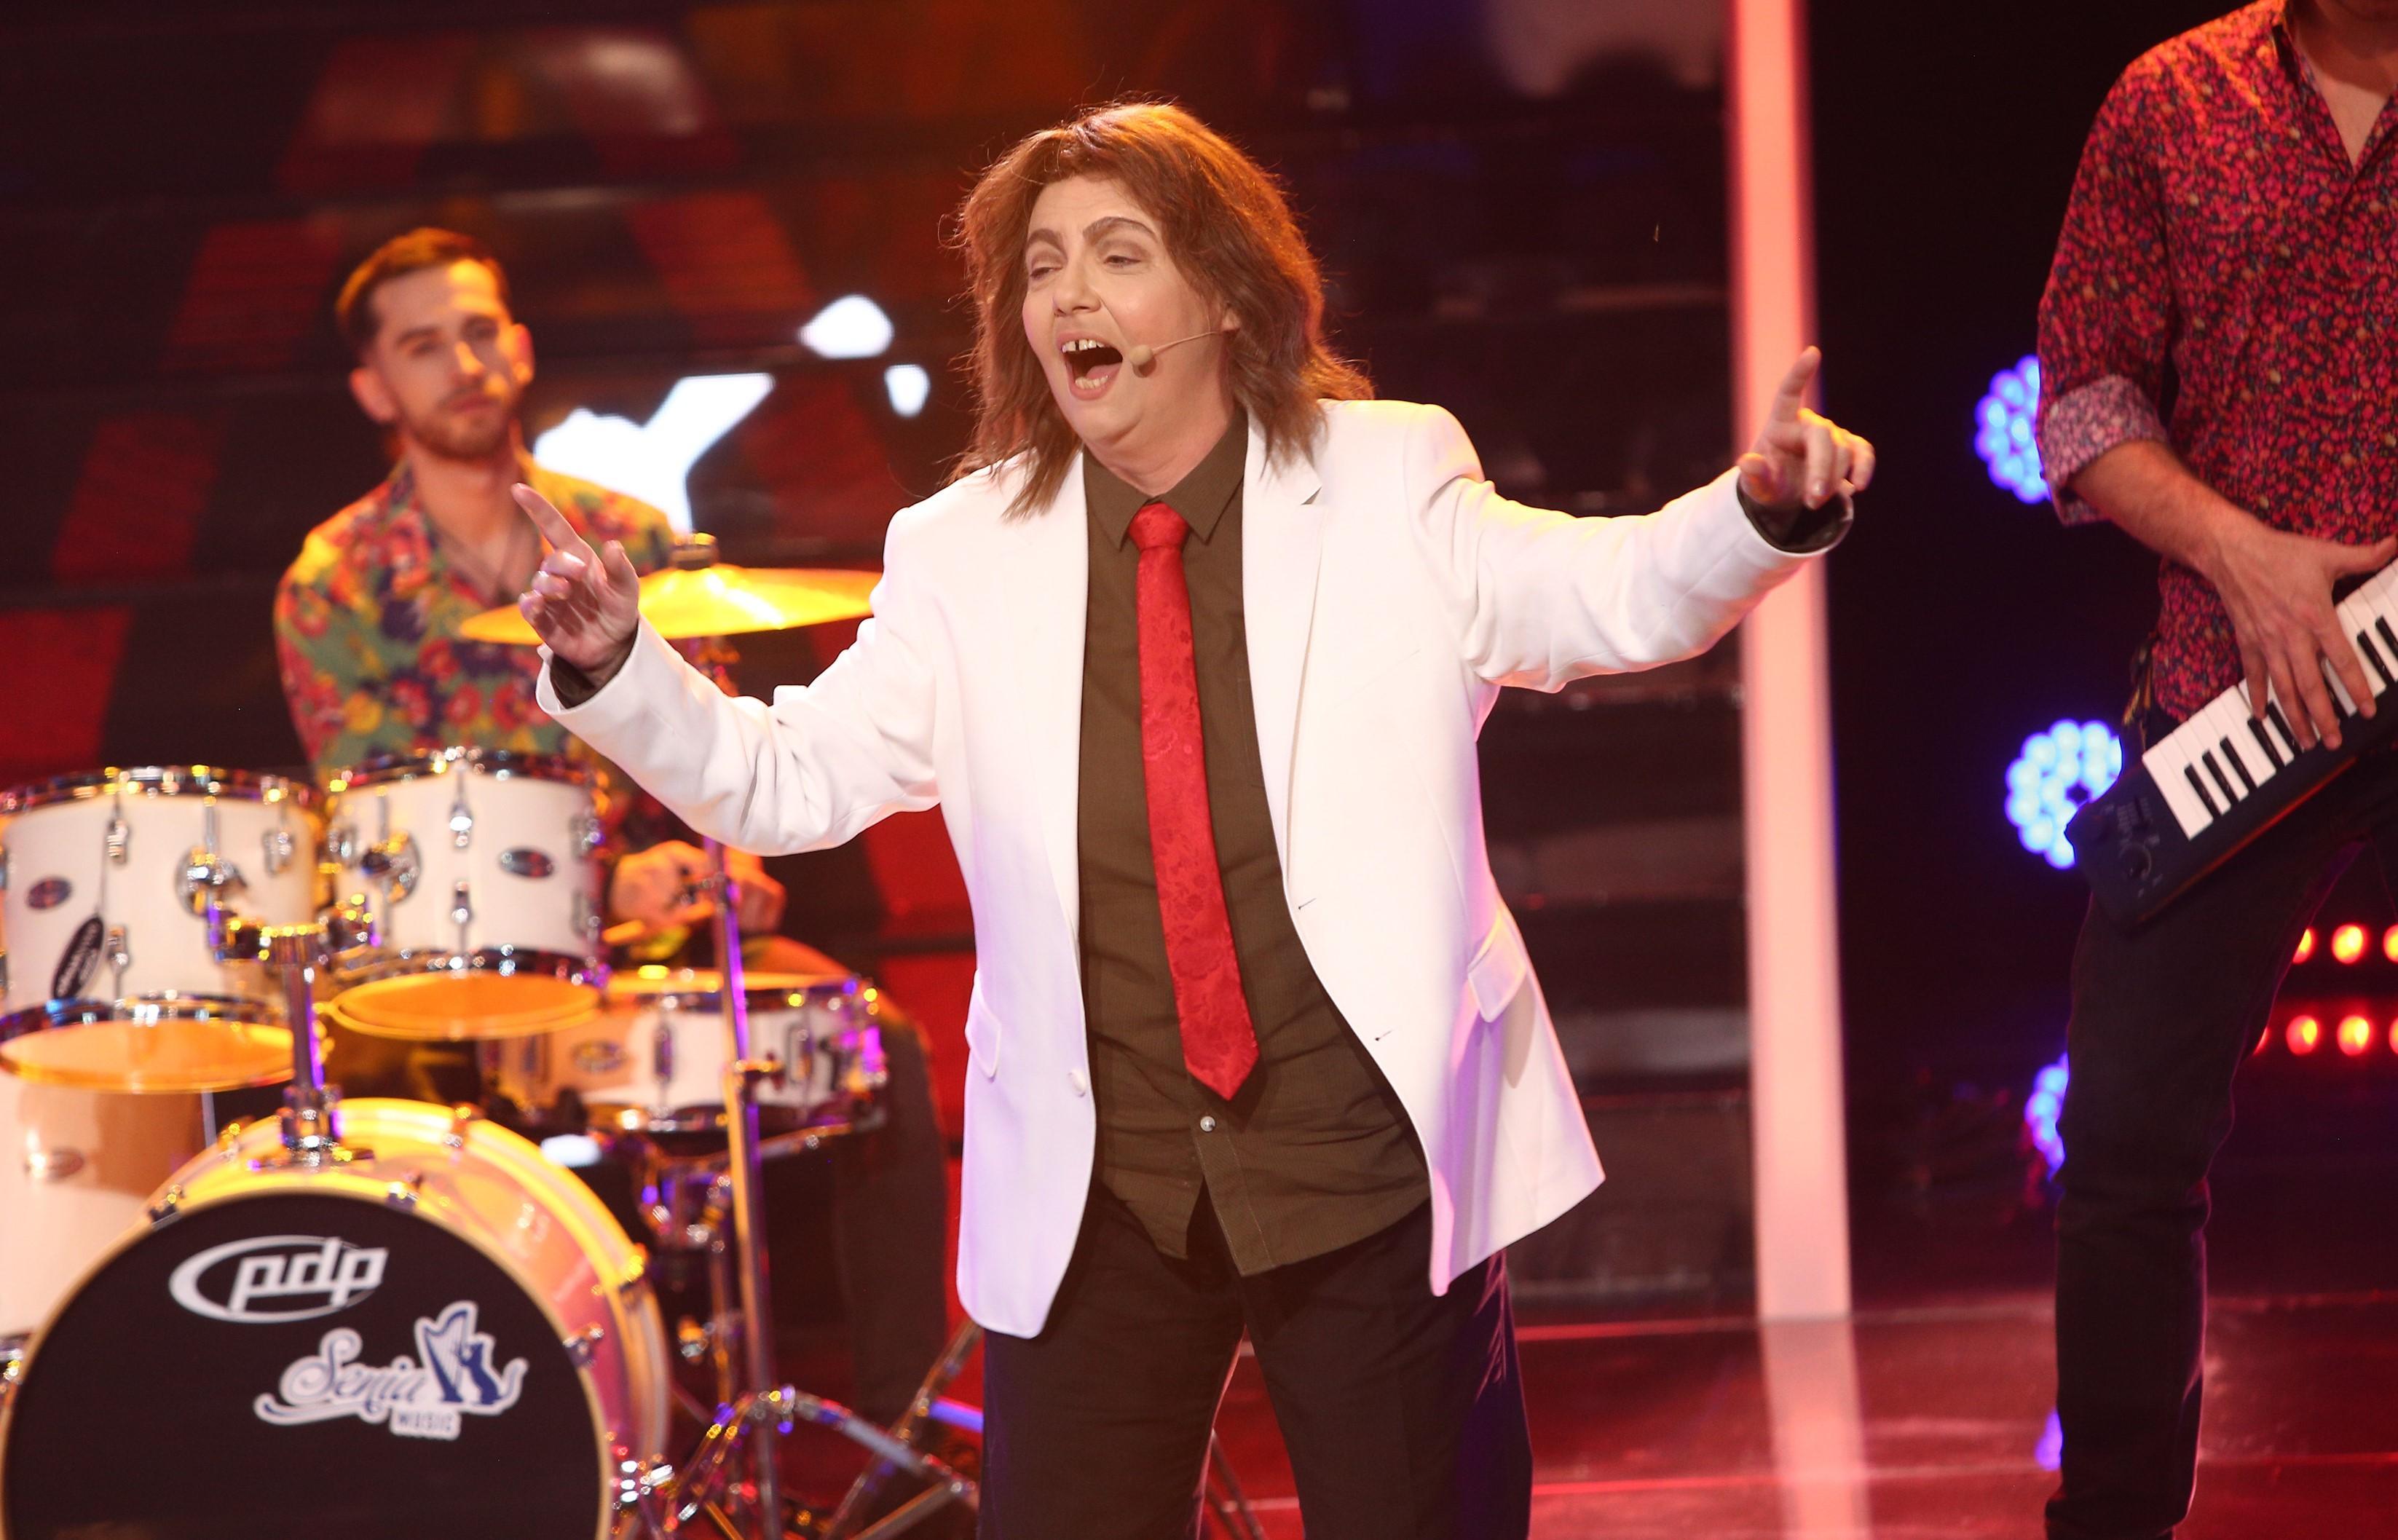 Te cunosc de undeva, 10 aprilie 2021. Emilia Popescu, transformată în Radu Almășan, a făcut spectacol în Gala Latino